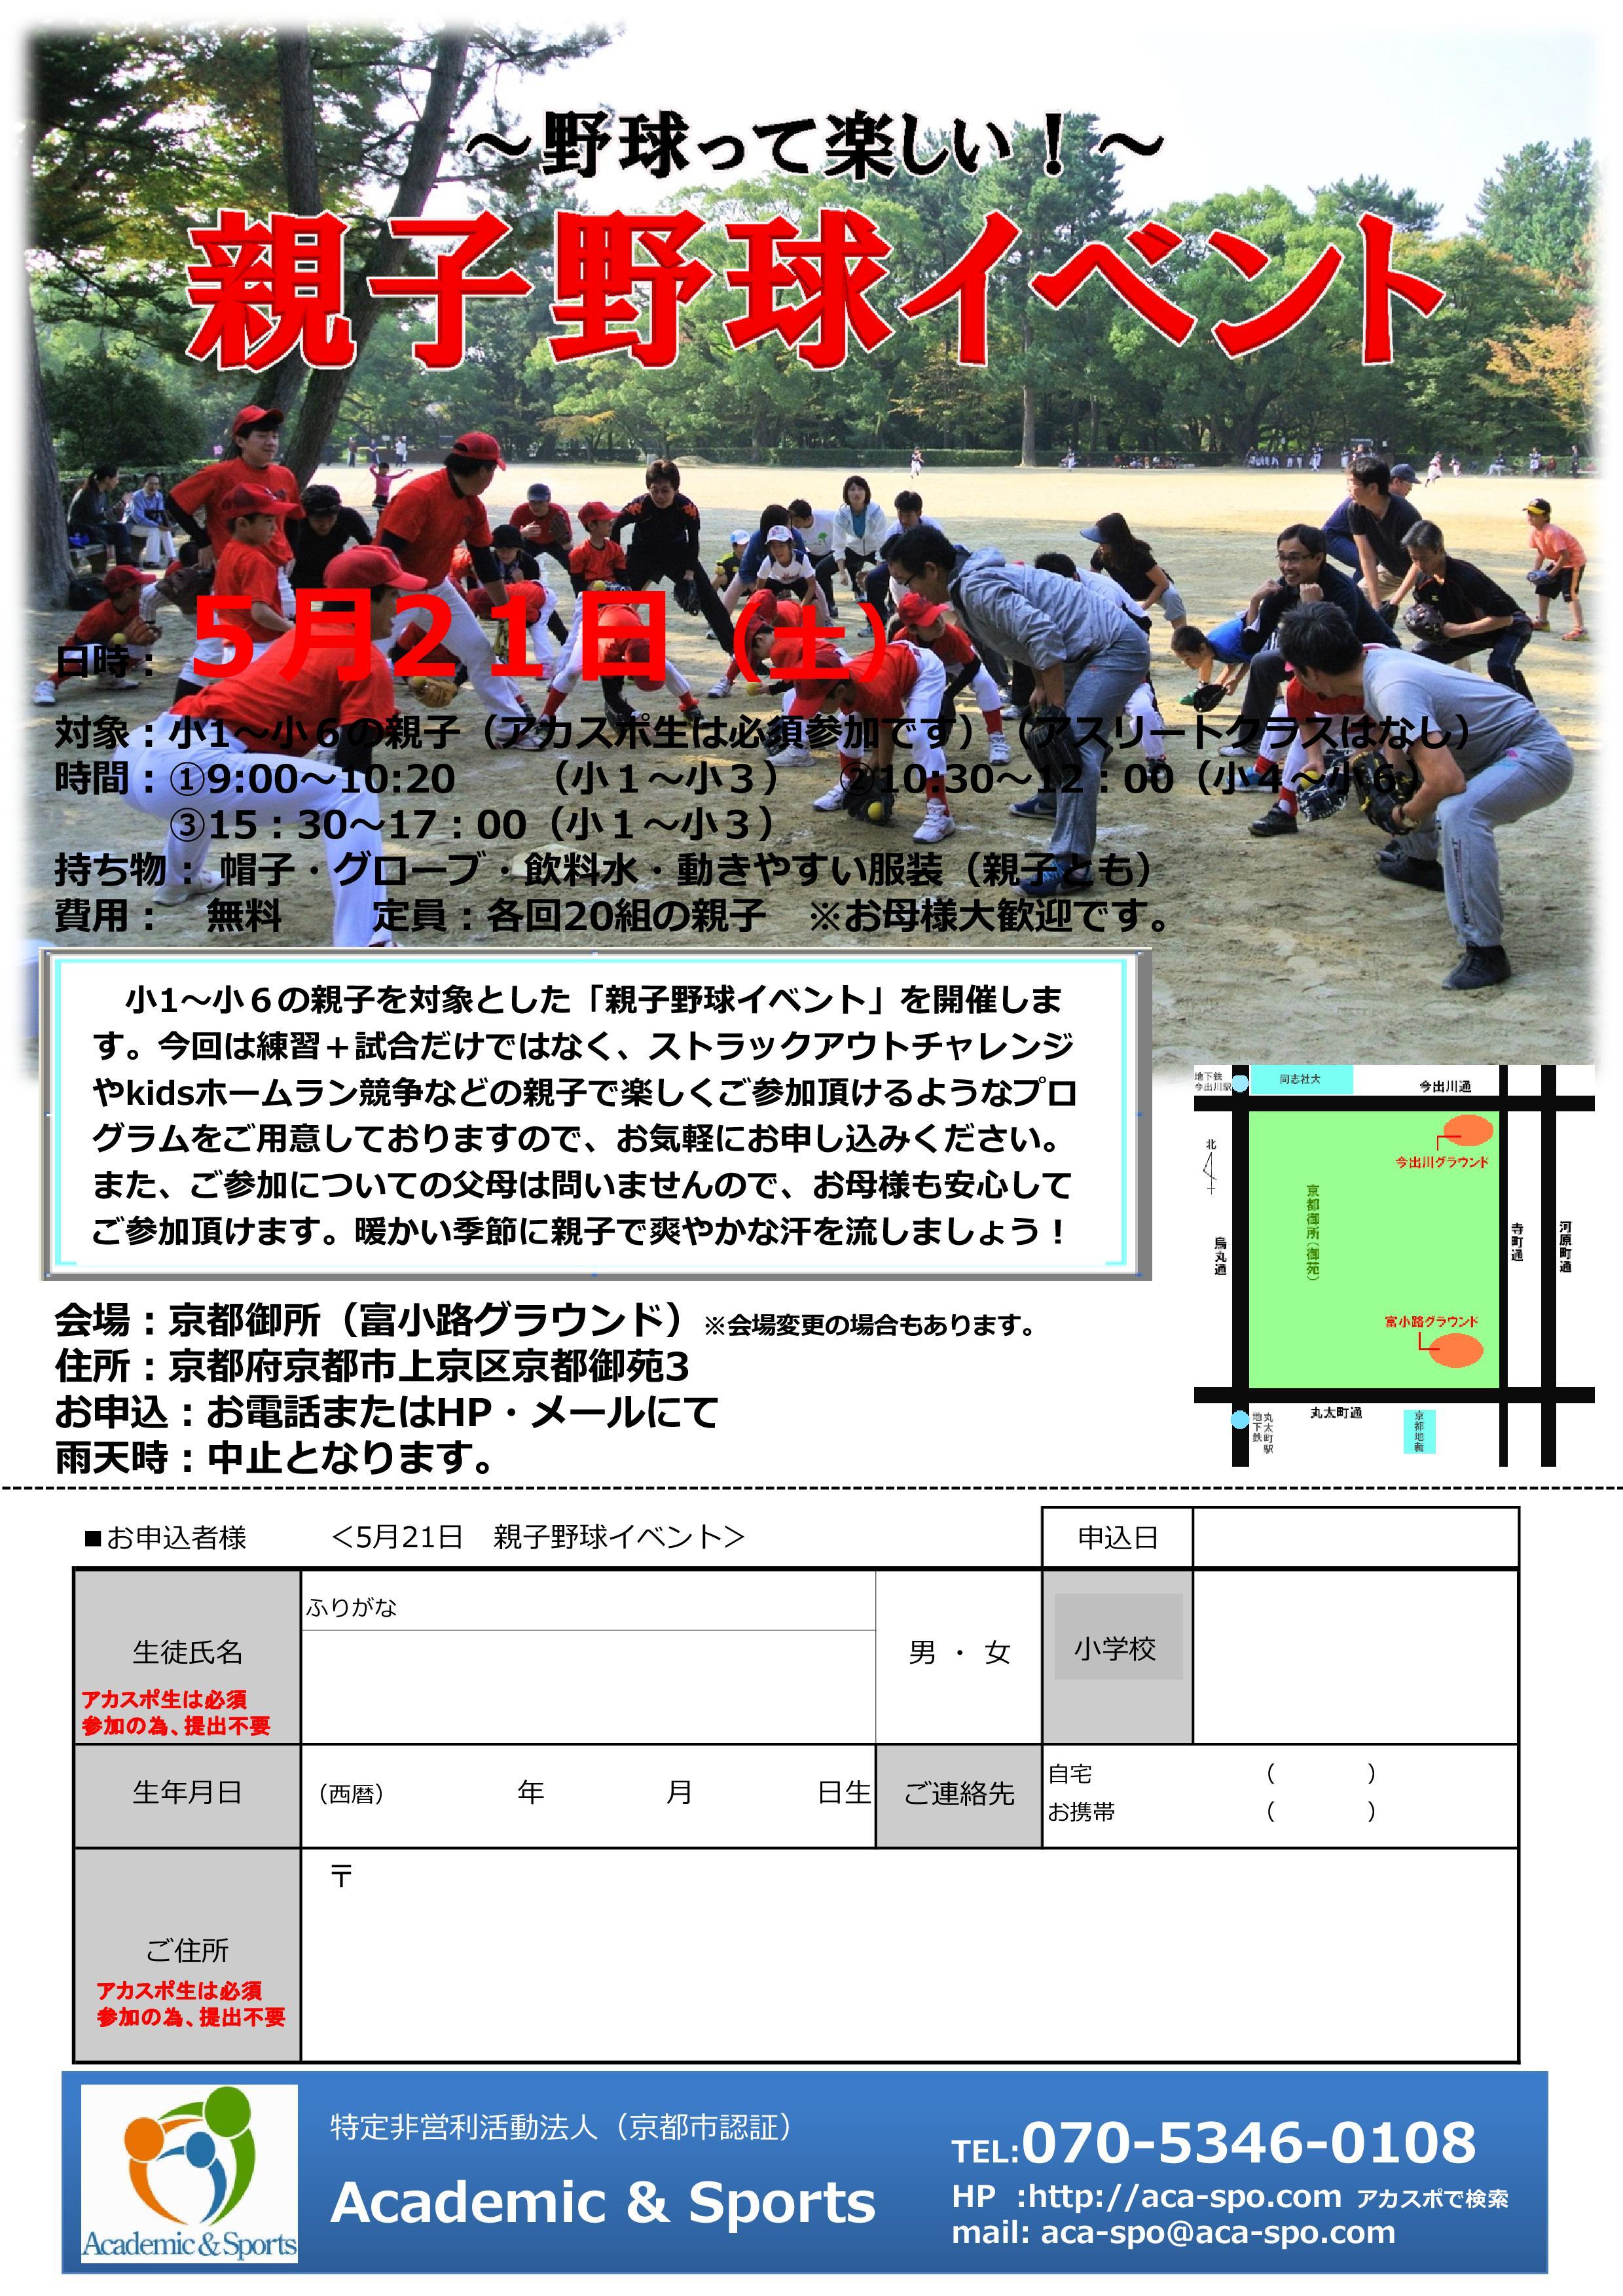 【野球スクール】親子野球イベントIN京都御所スクール